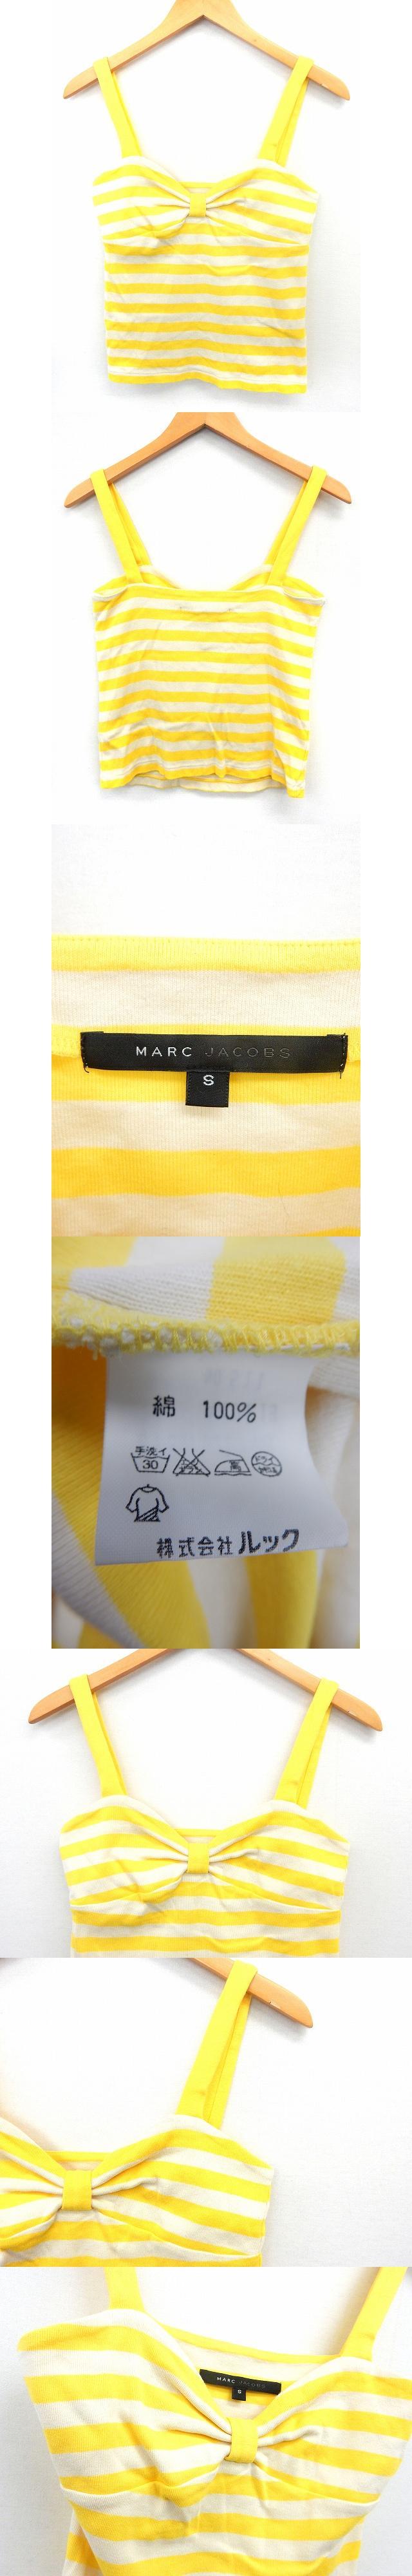 国内正規 キャミソール カットソー ボーダー リボン 綿 コットン S イエロー /ST13